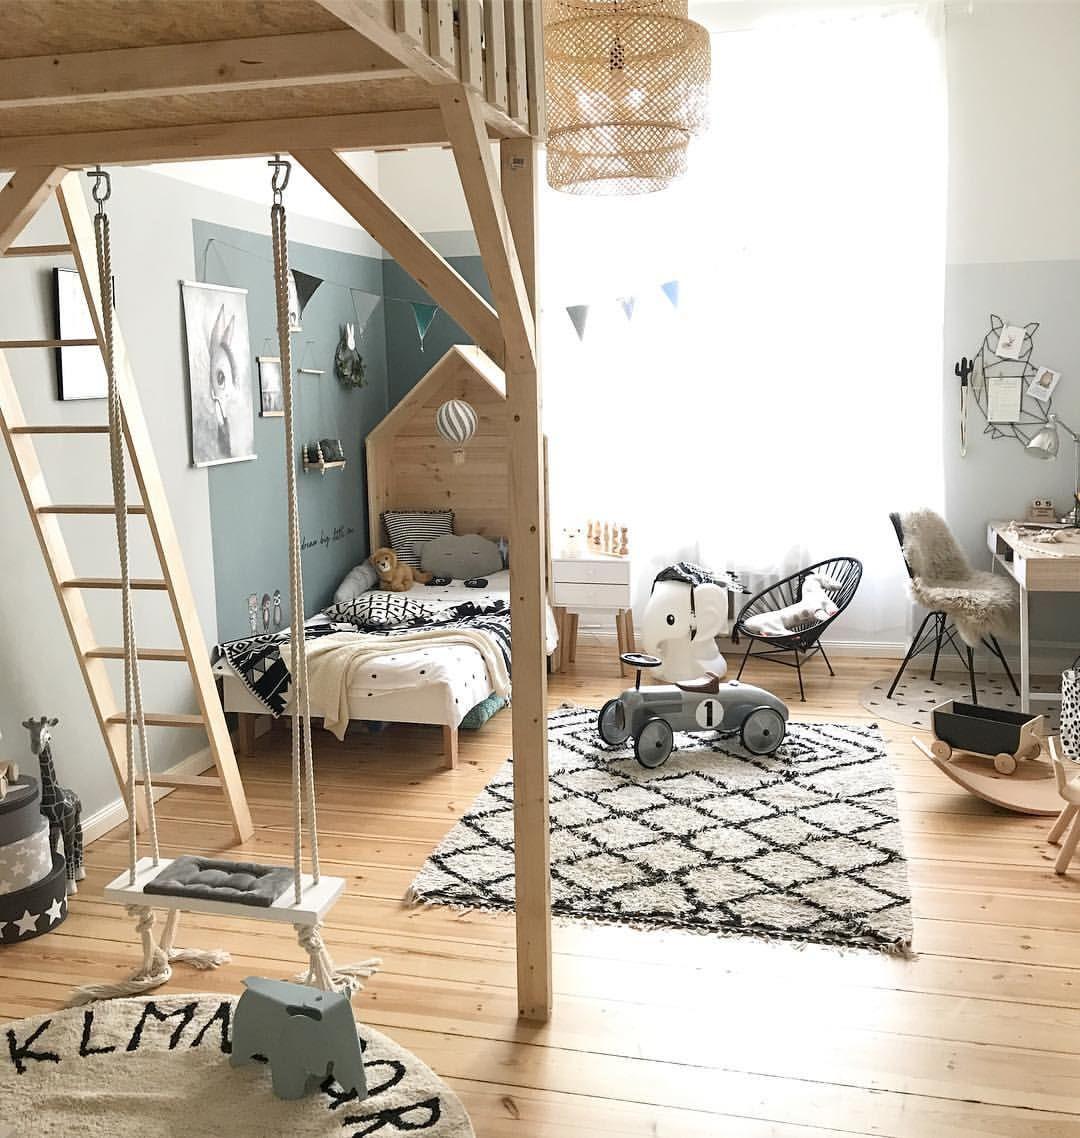 Kleinkind Kinderzimmer Roomtour: Kinderzimmer Mit Schaukel - Leider Geil.